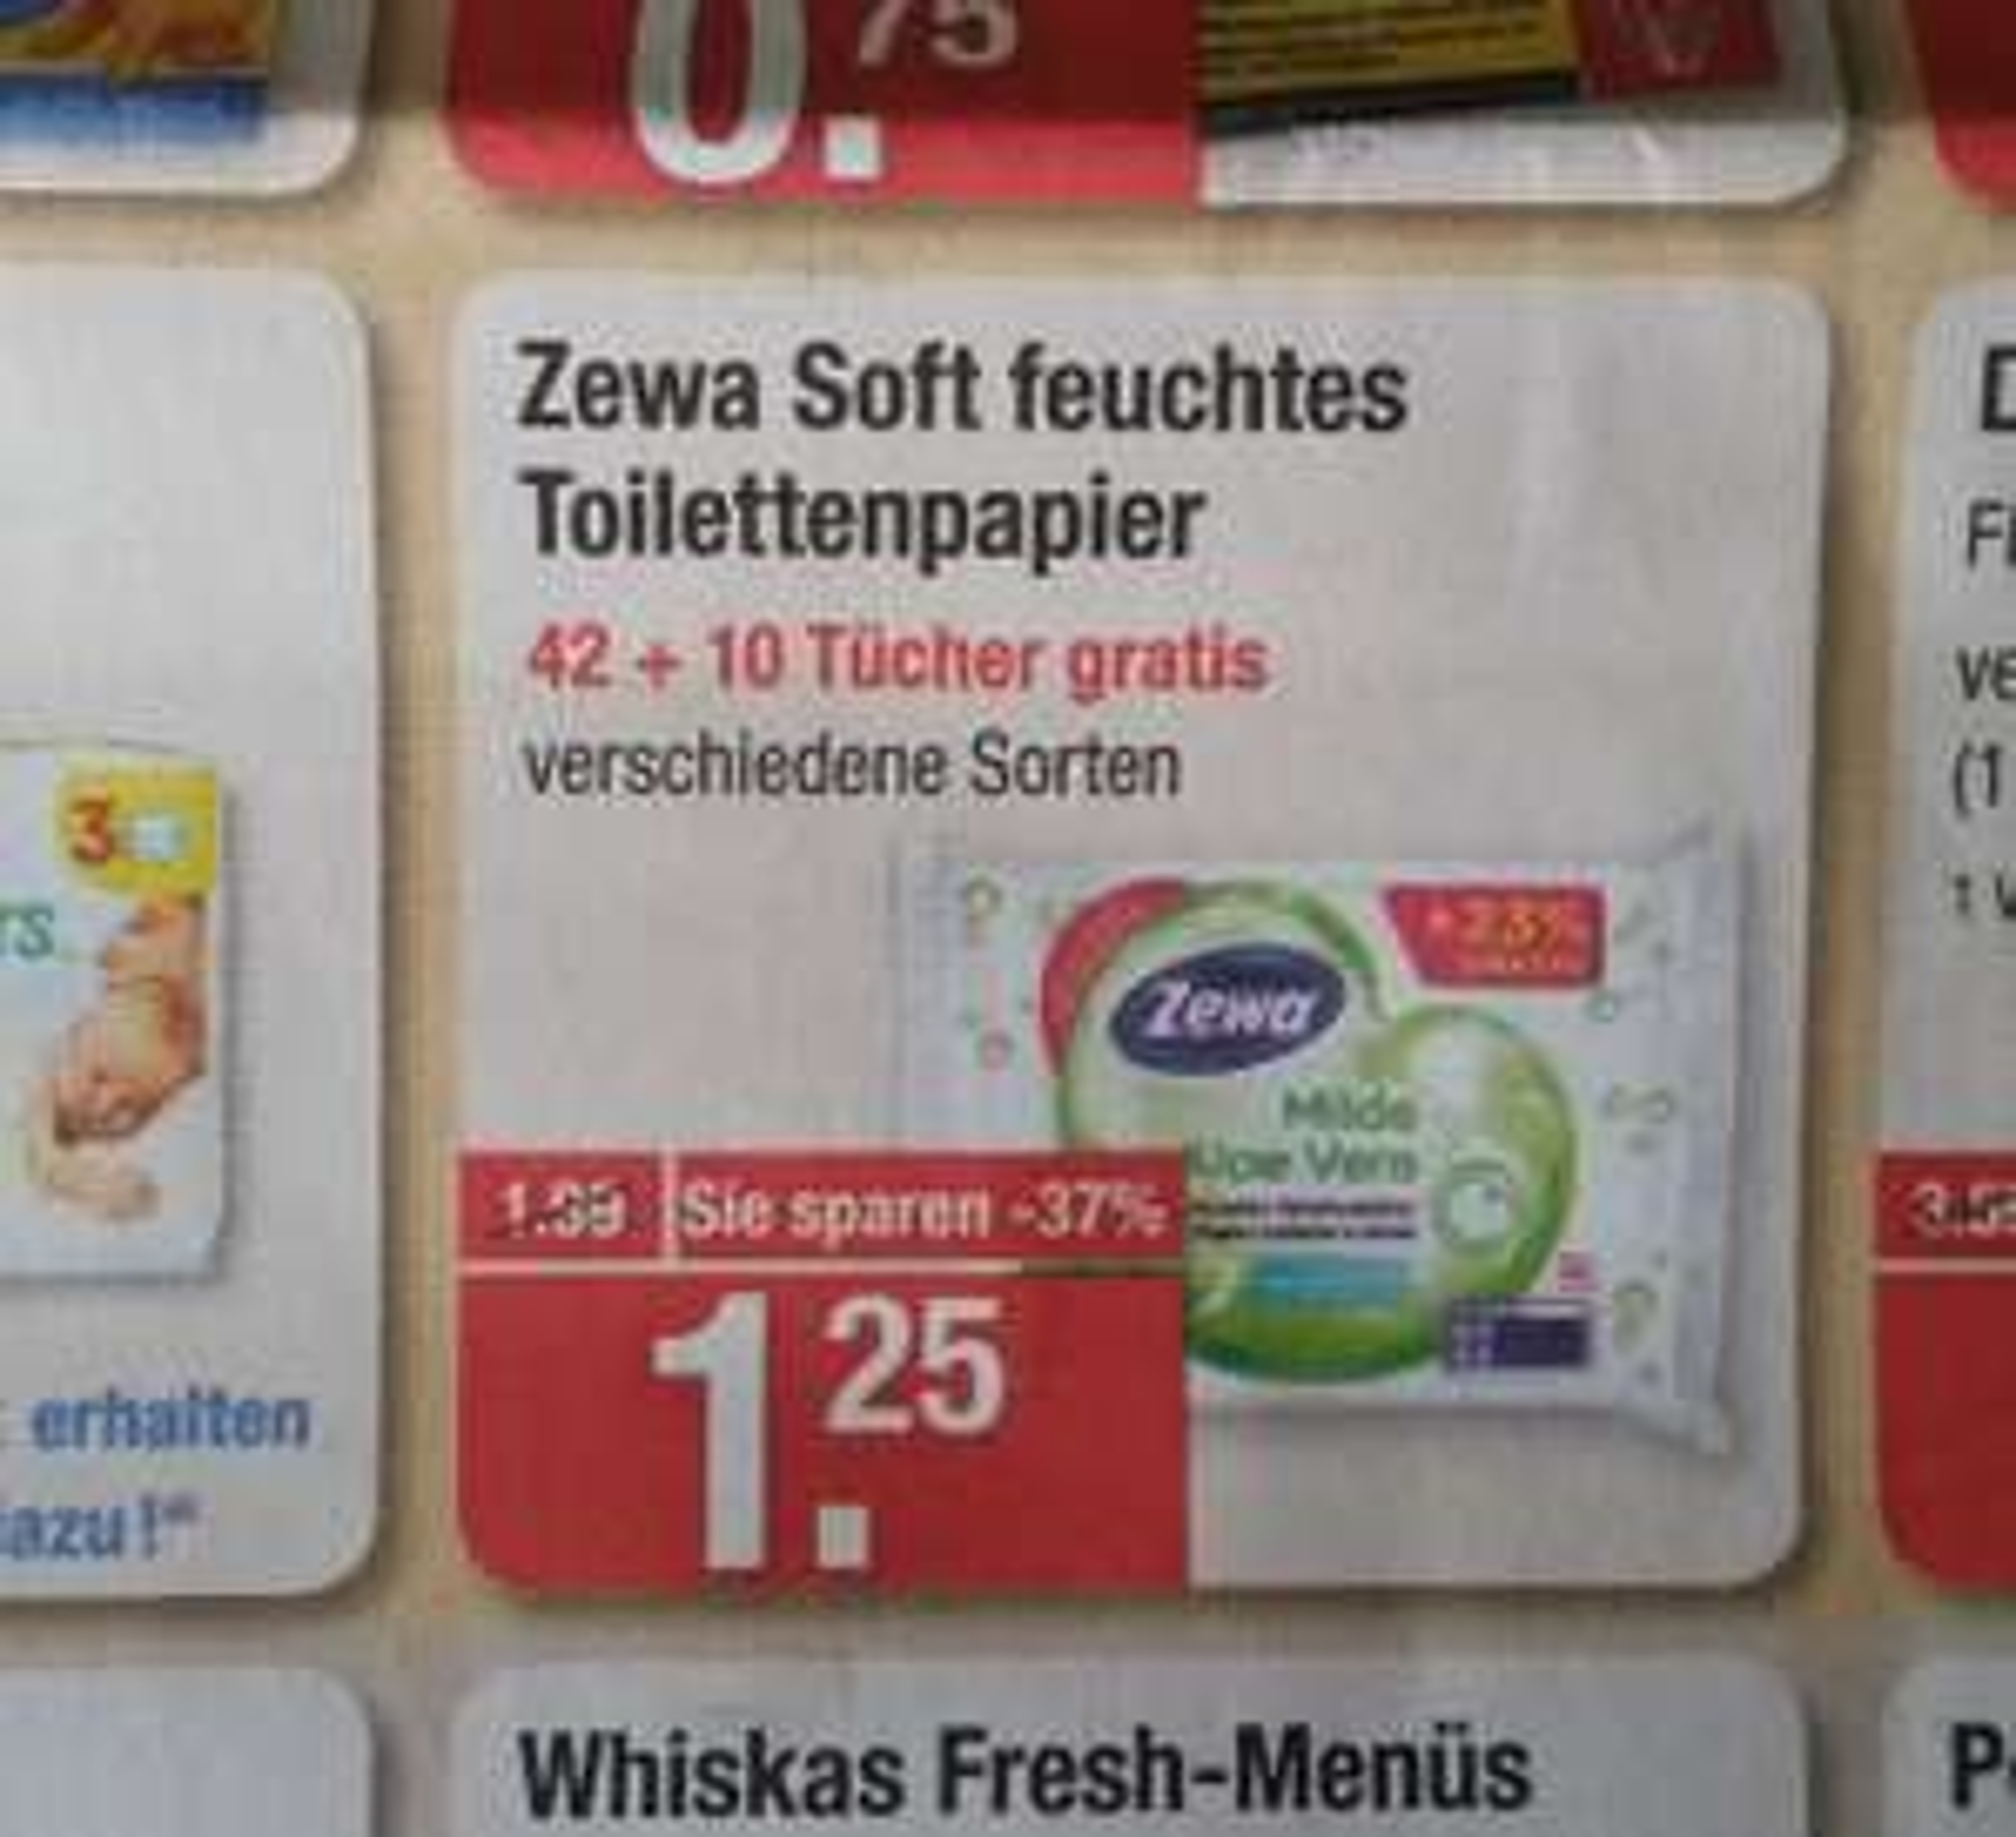 V-markt Zewa feuchtes Toilettenpapier für 0,25€ (Angebot+Coupies)